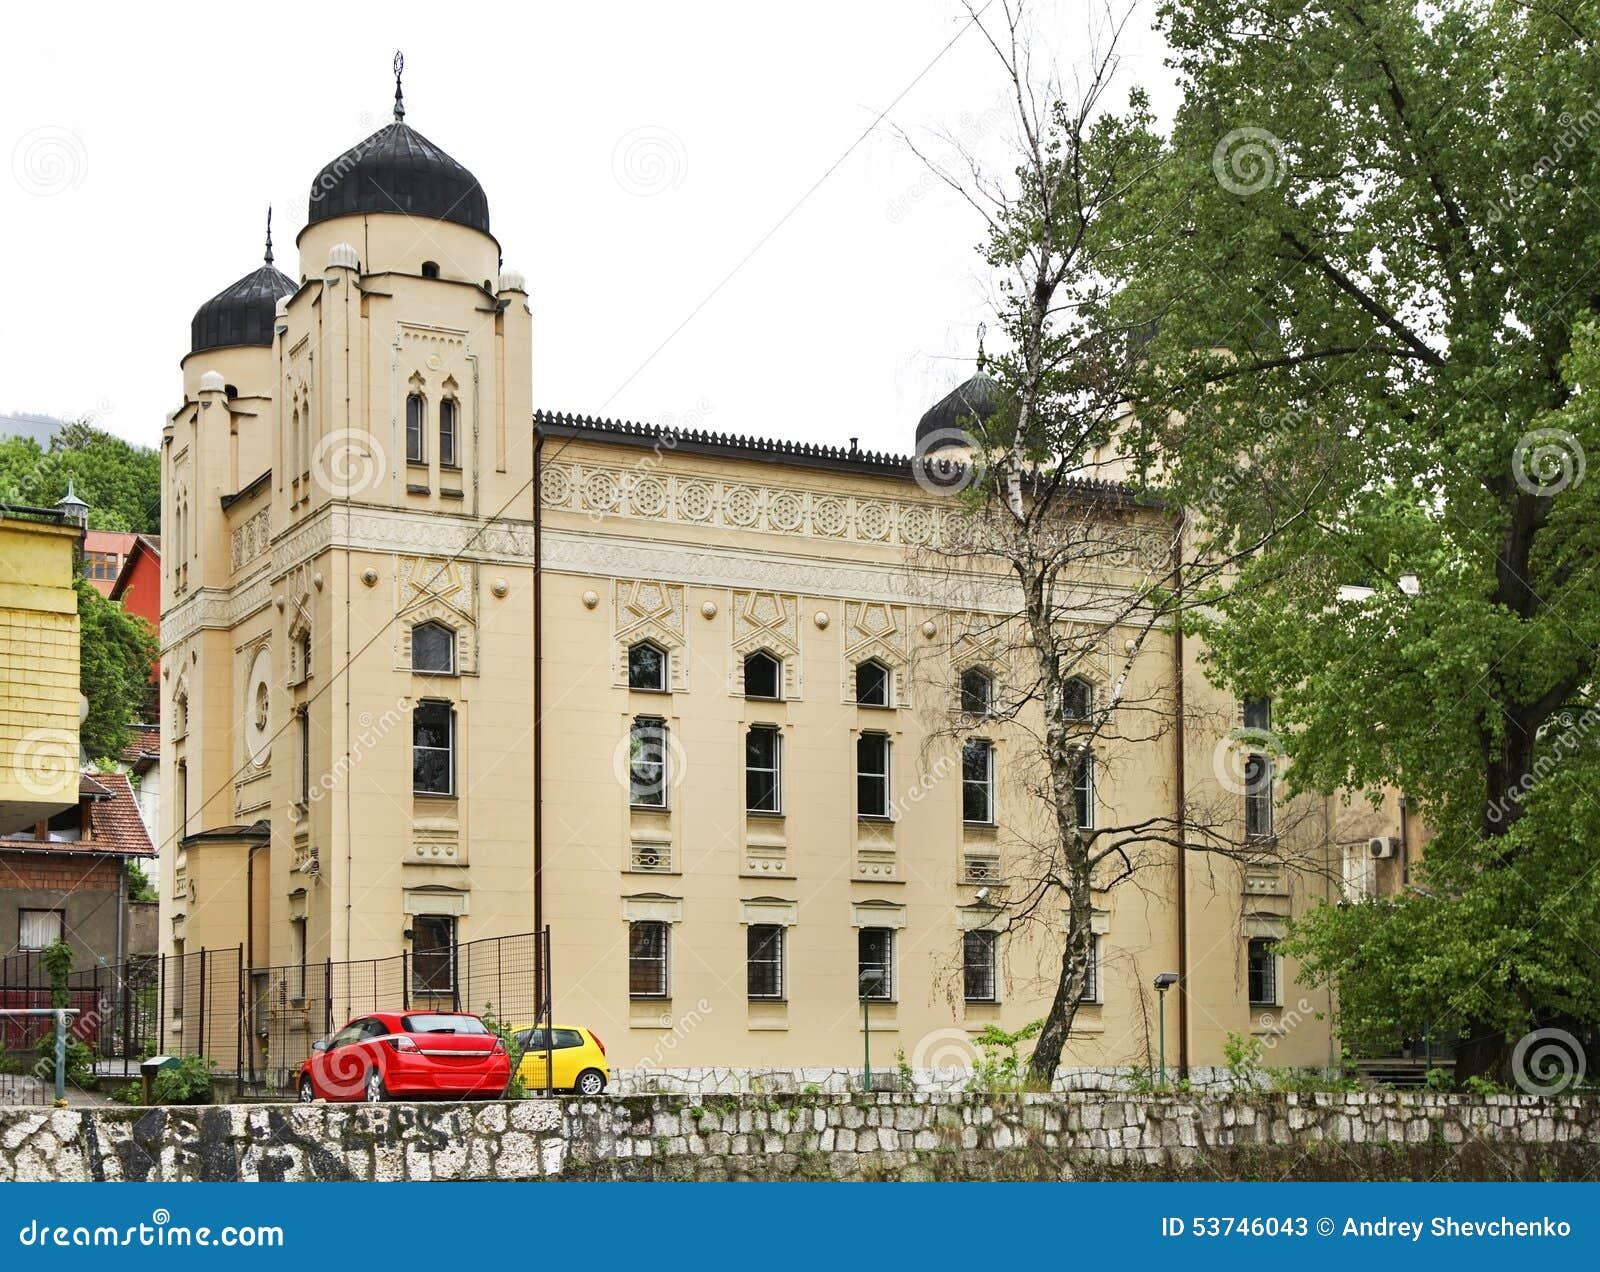 萨拉热窝犹太教堂 达成协议波斯尼亚夹子色的greyed黑塞哥维那包括专业的区区映射路径替补被遮蔽的状态周围的领土对都市植被